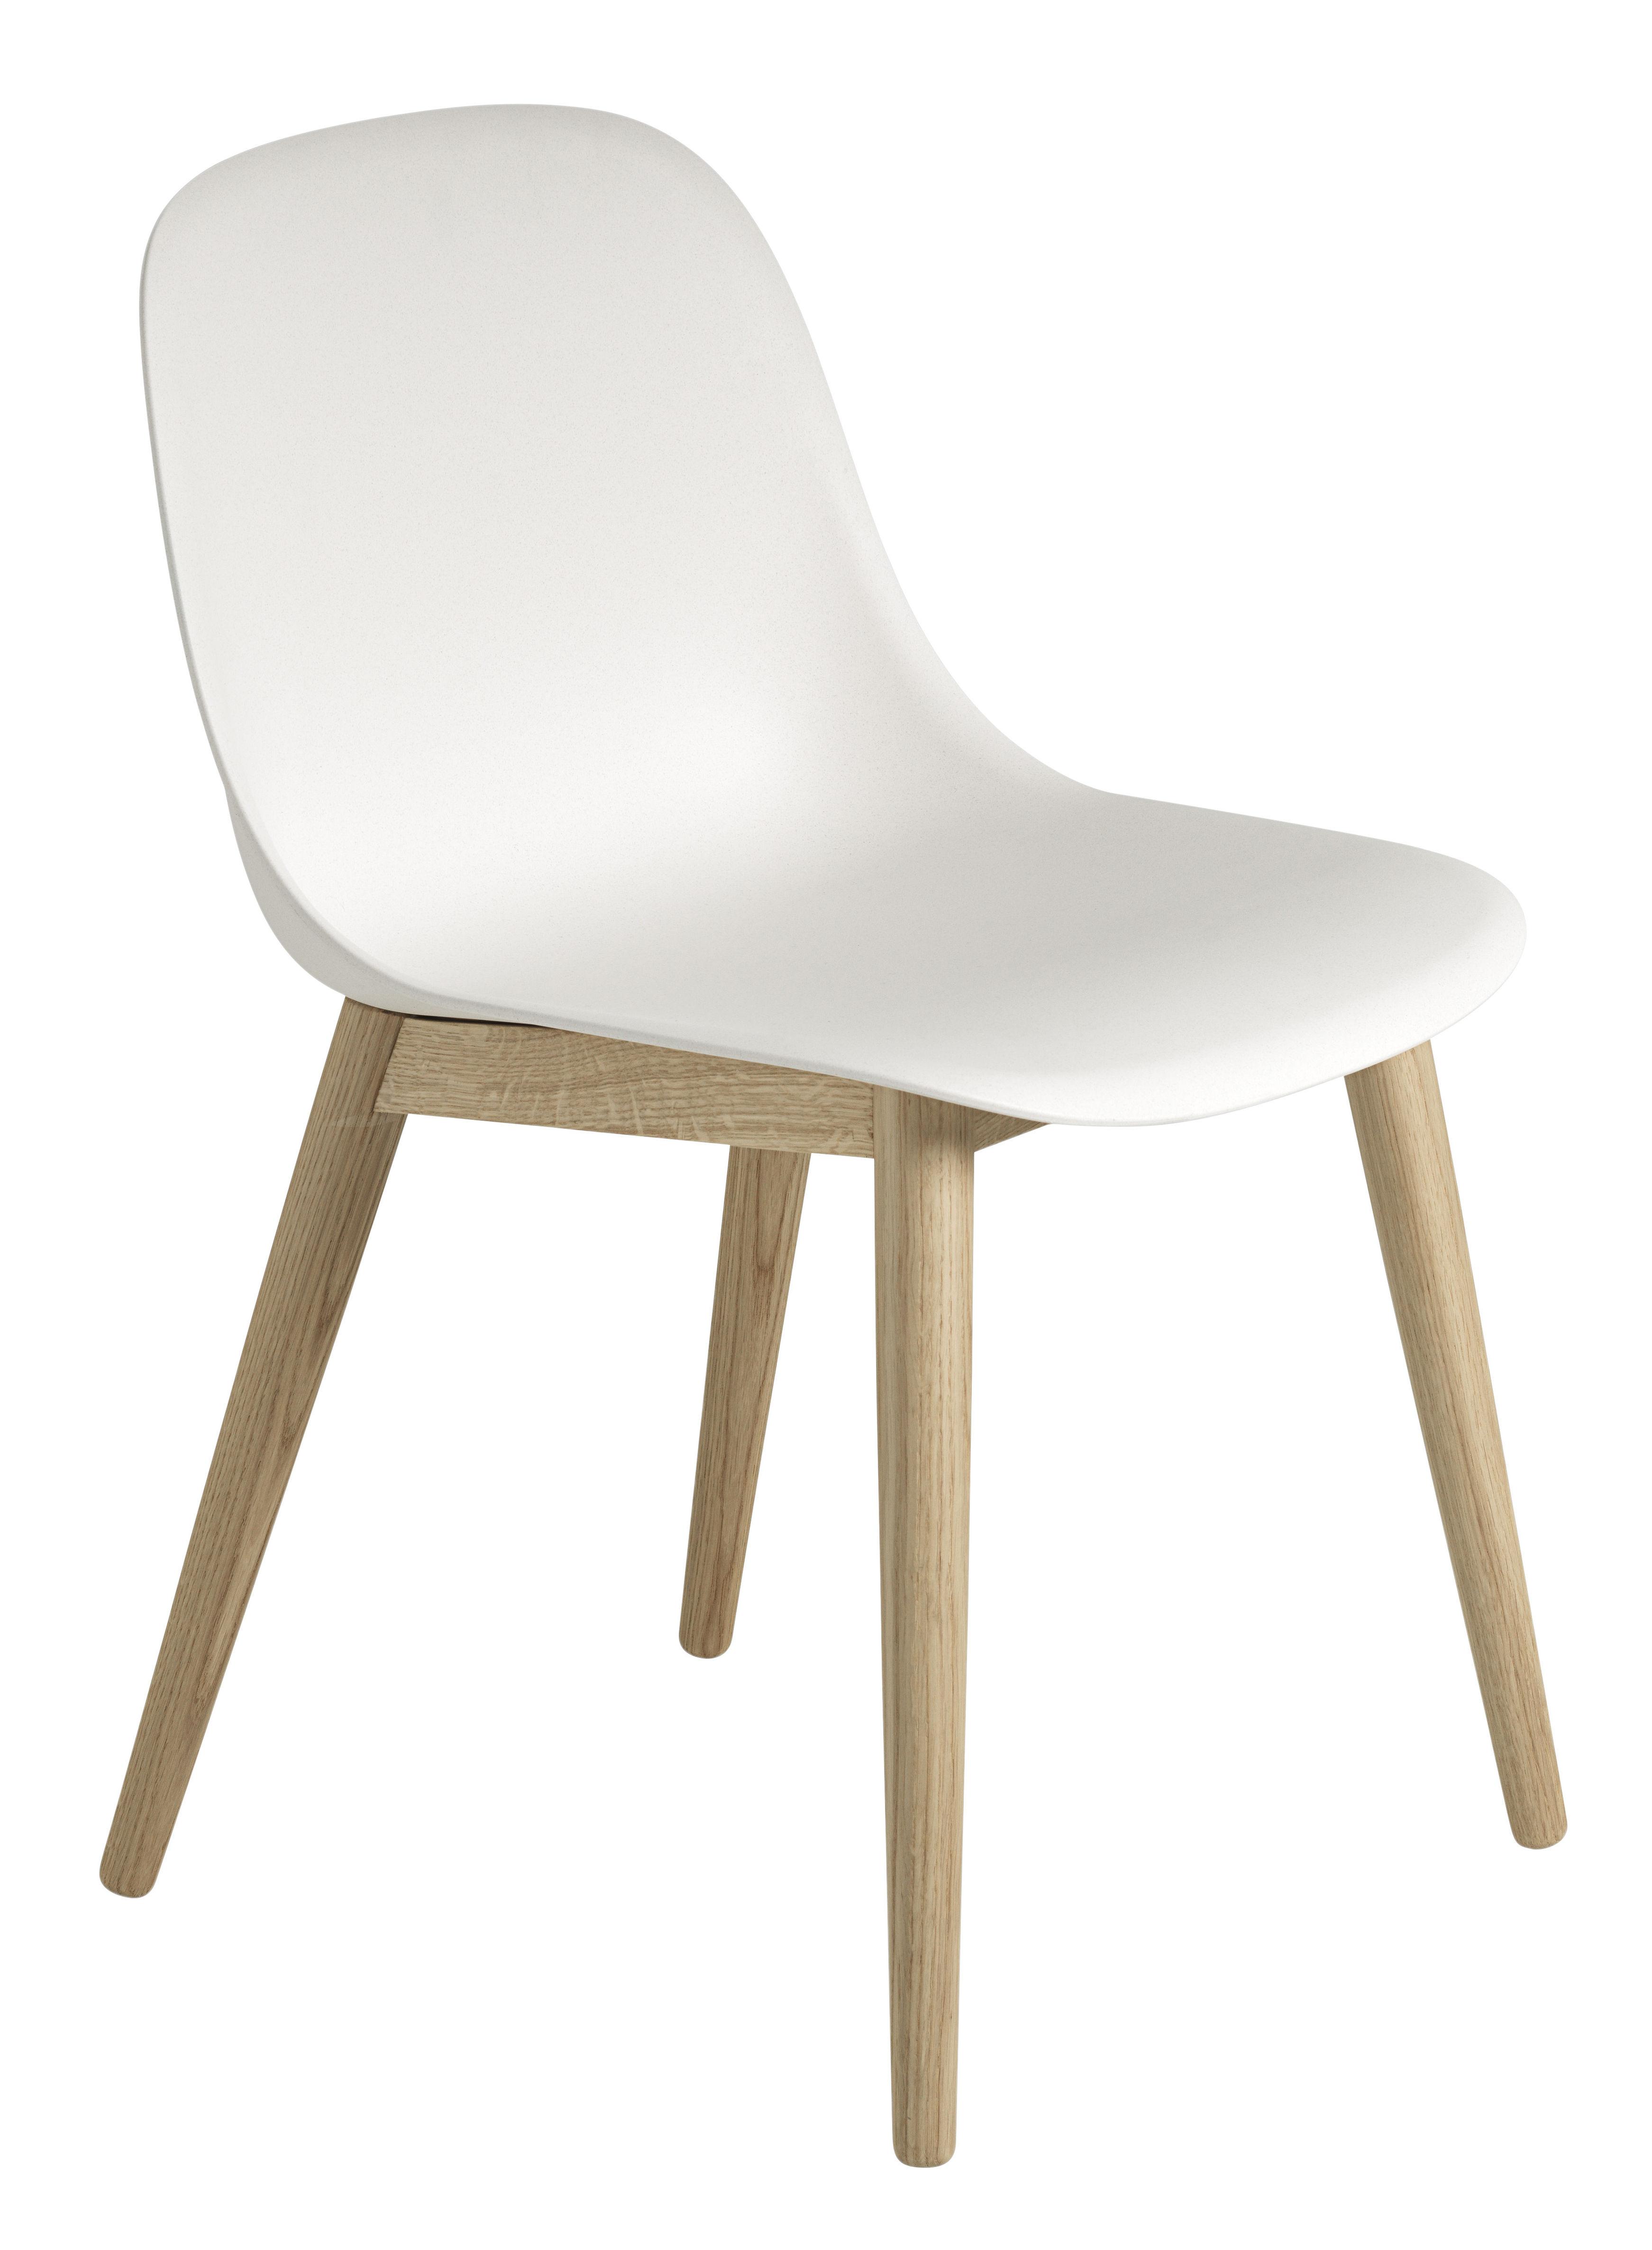 Arredamento - Sedie  - Sedia Fiber / 4 gambe legno - Muuto - Bianco / Gambe legno naturale - Matériau composite recyclé, Rovere